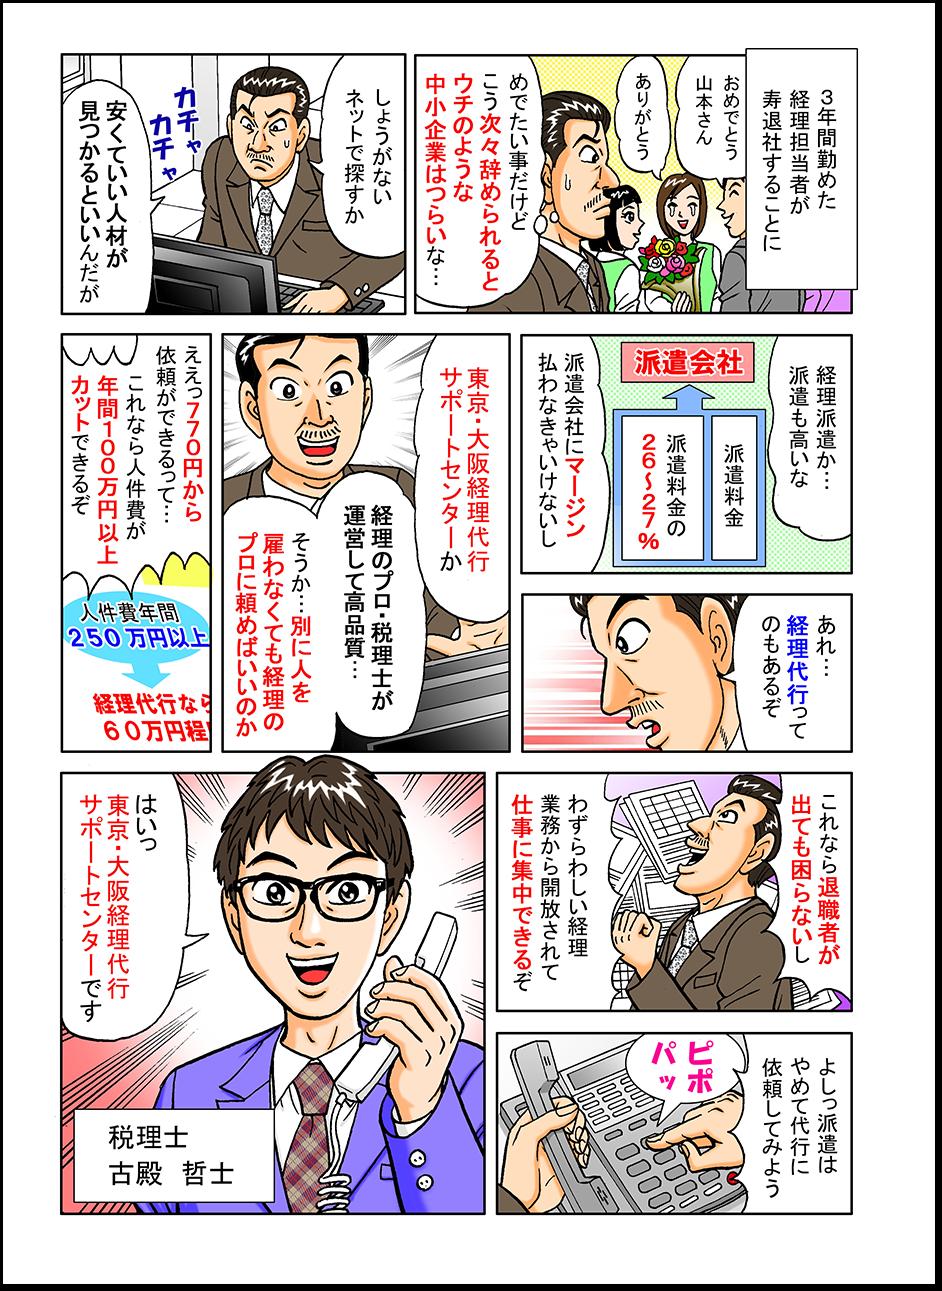 東京・大阪経理代行サポートセンター 経理のプロ・税理士が運営して高品質 人を雇わなくても経理のプロに頼めばいい